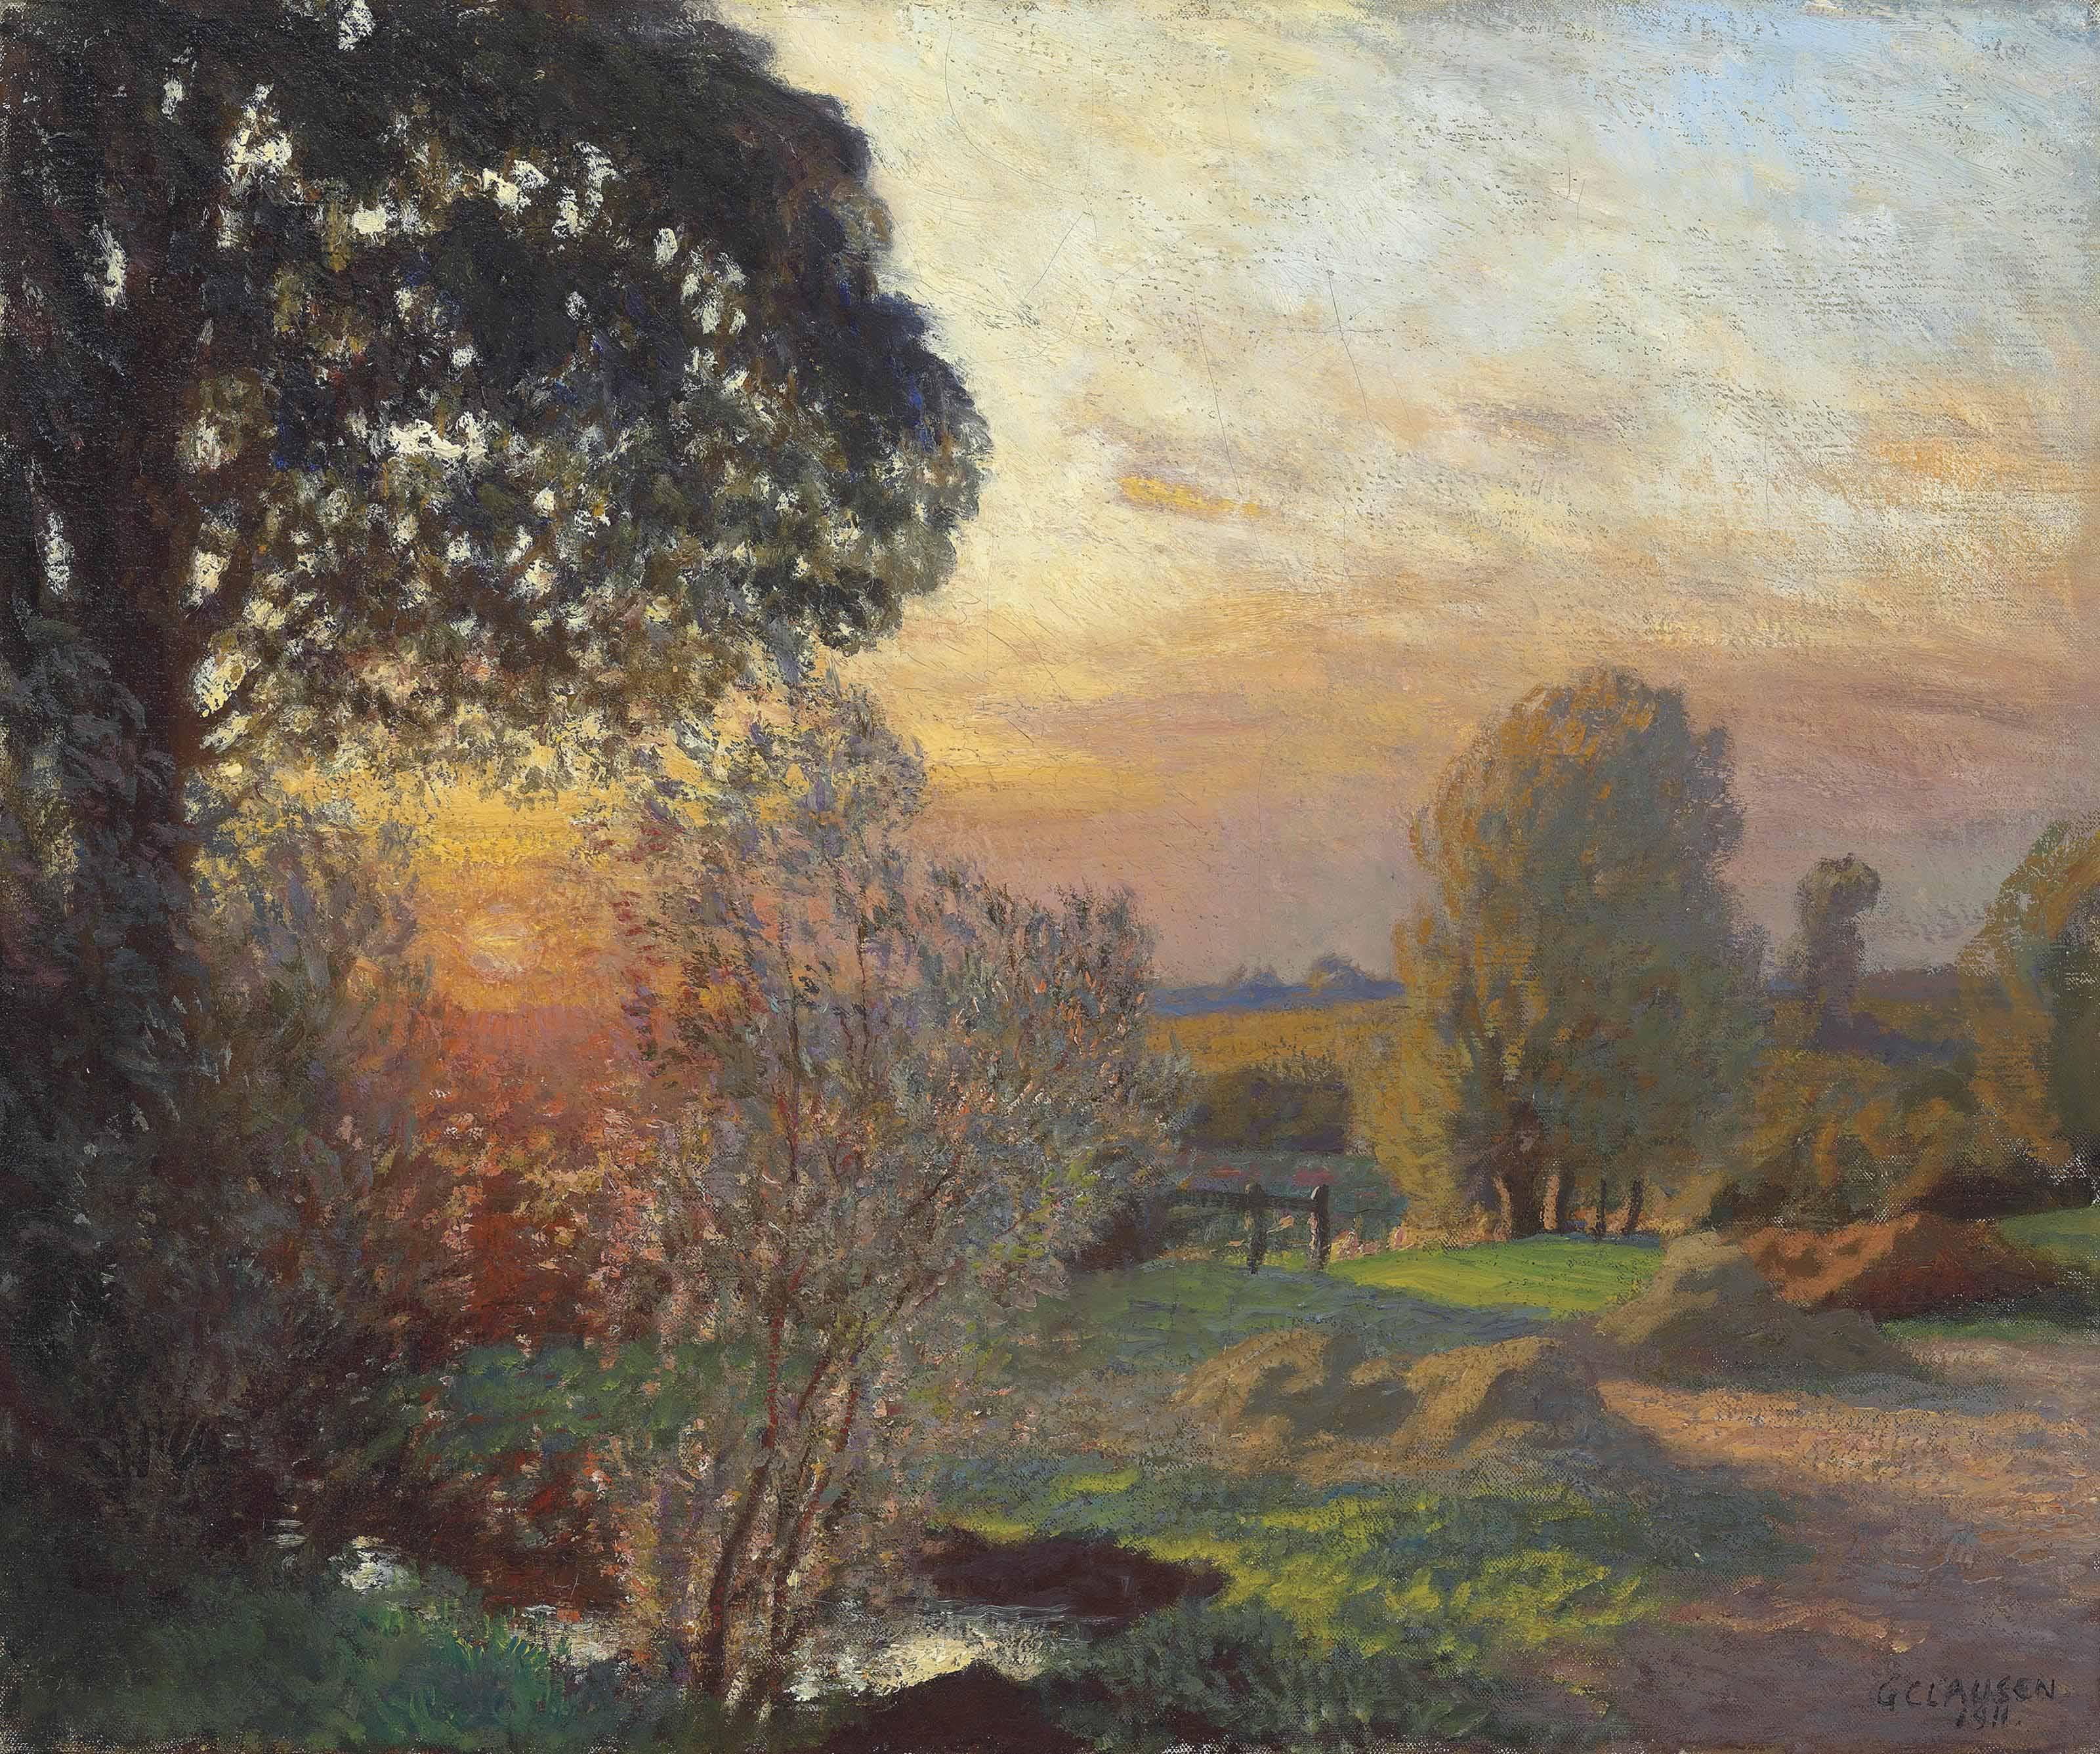 Tranquil Sunset - September